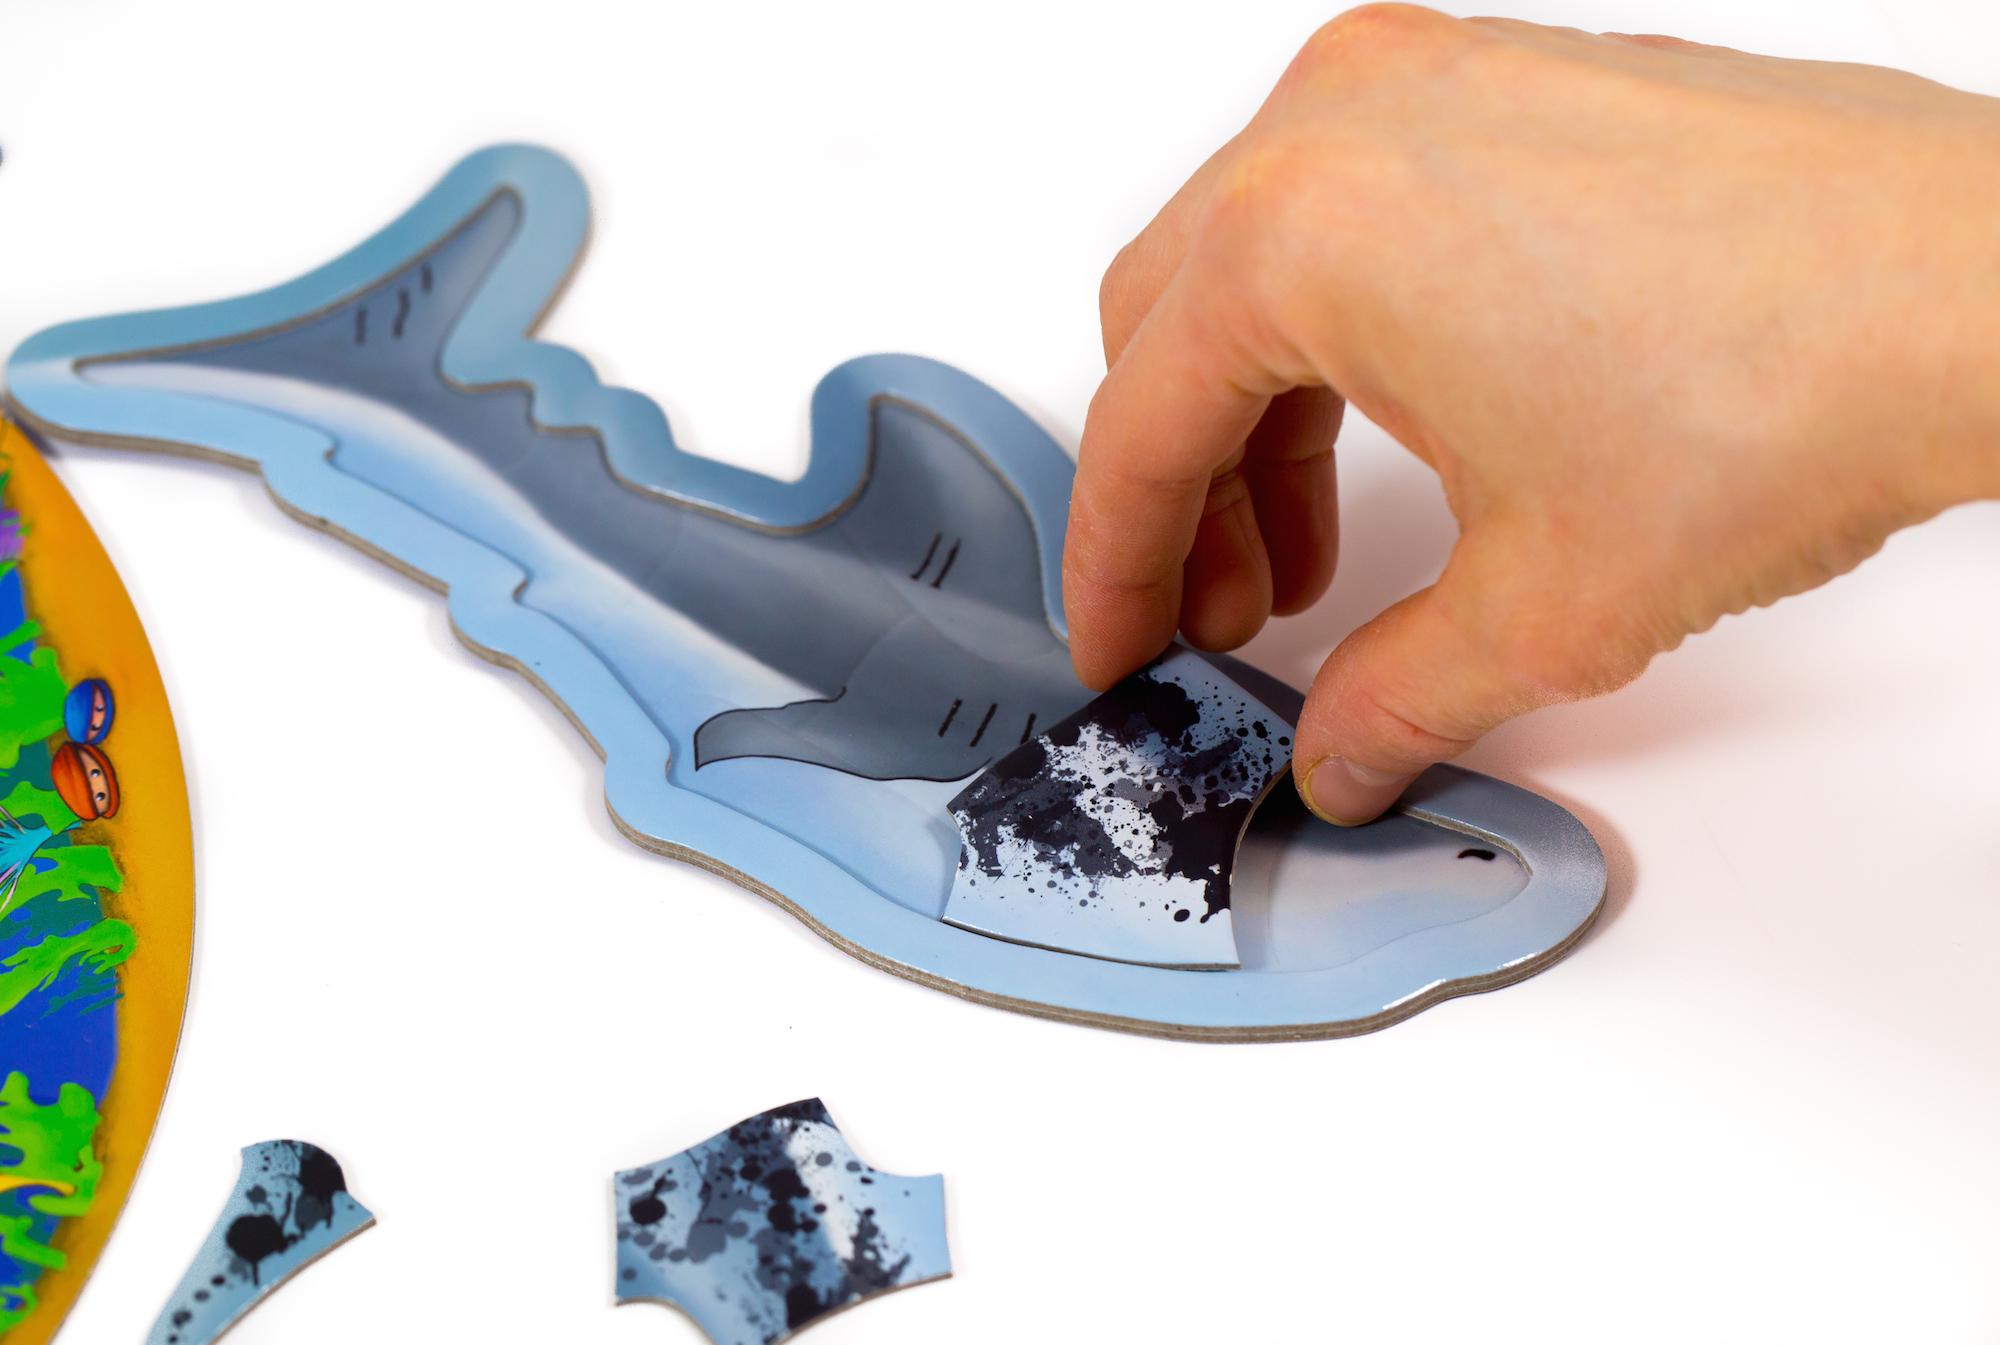 Az ügyes megtaláló jutalma: a cápába illeszthet egy darabot.